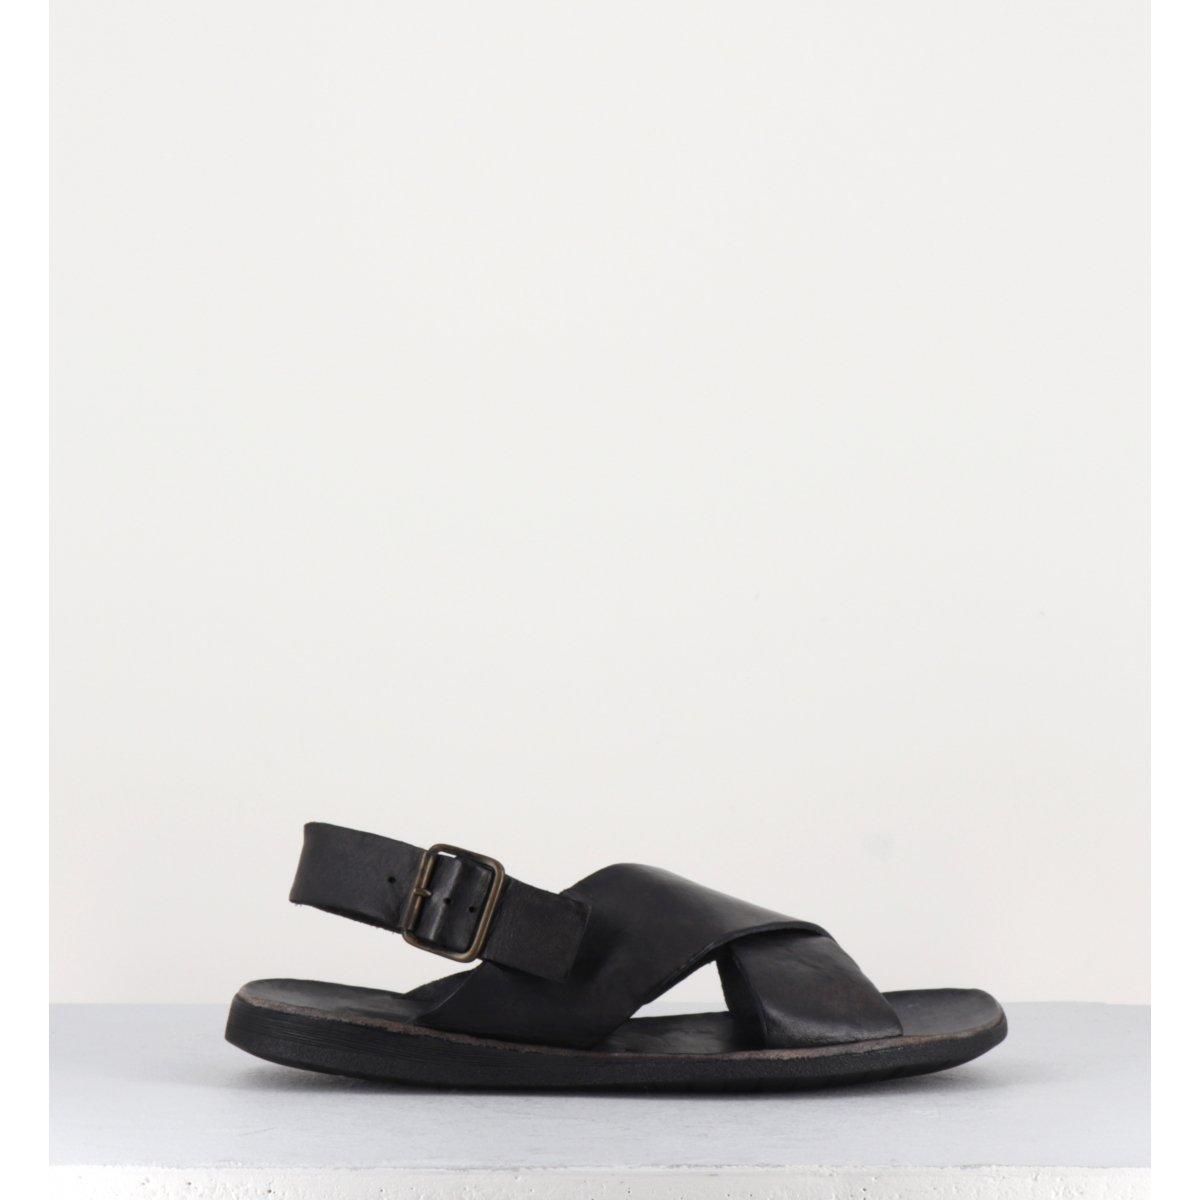 Sandales en cuir noir pour homme 46719 - Brador Shoes